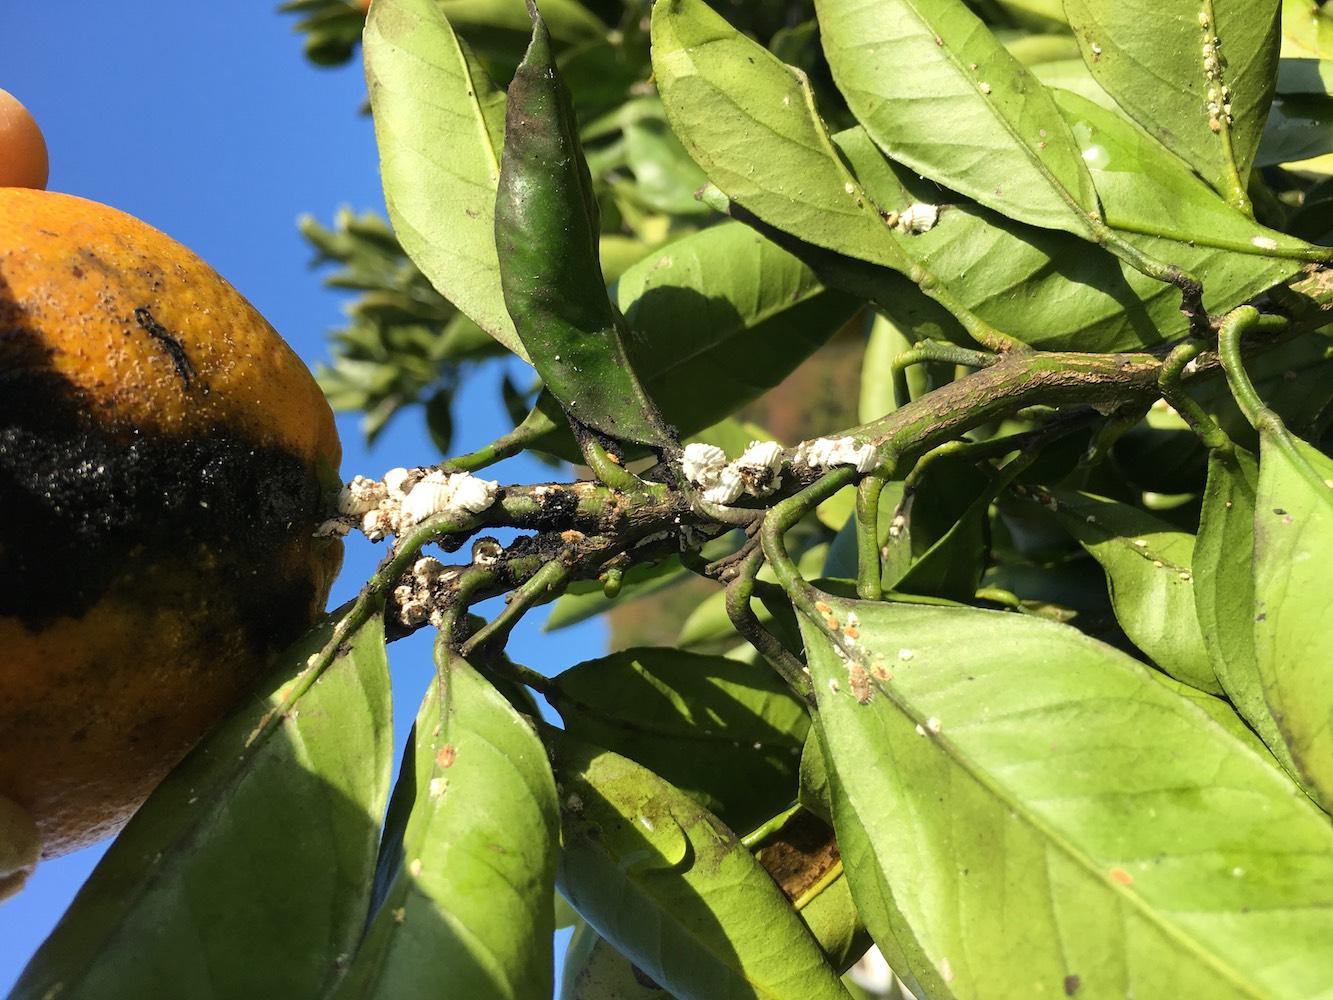 みかんの木につくカイガラムシとすす病